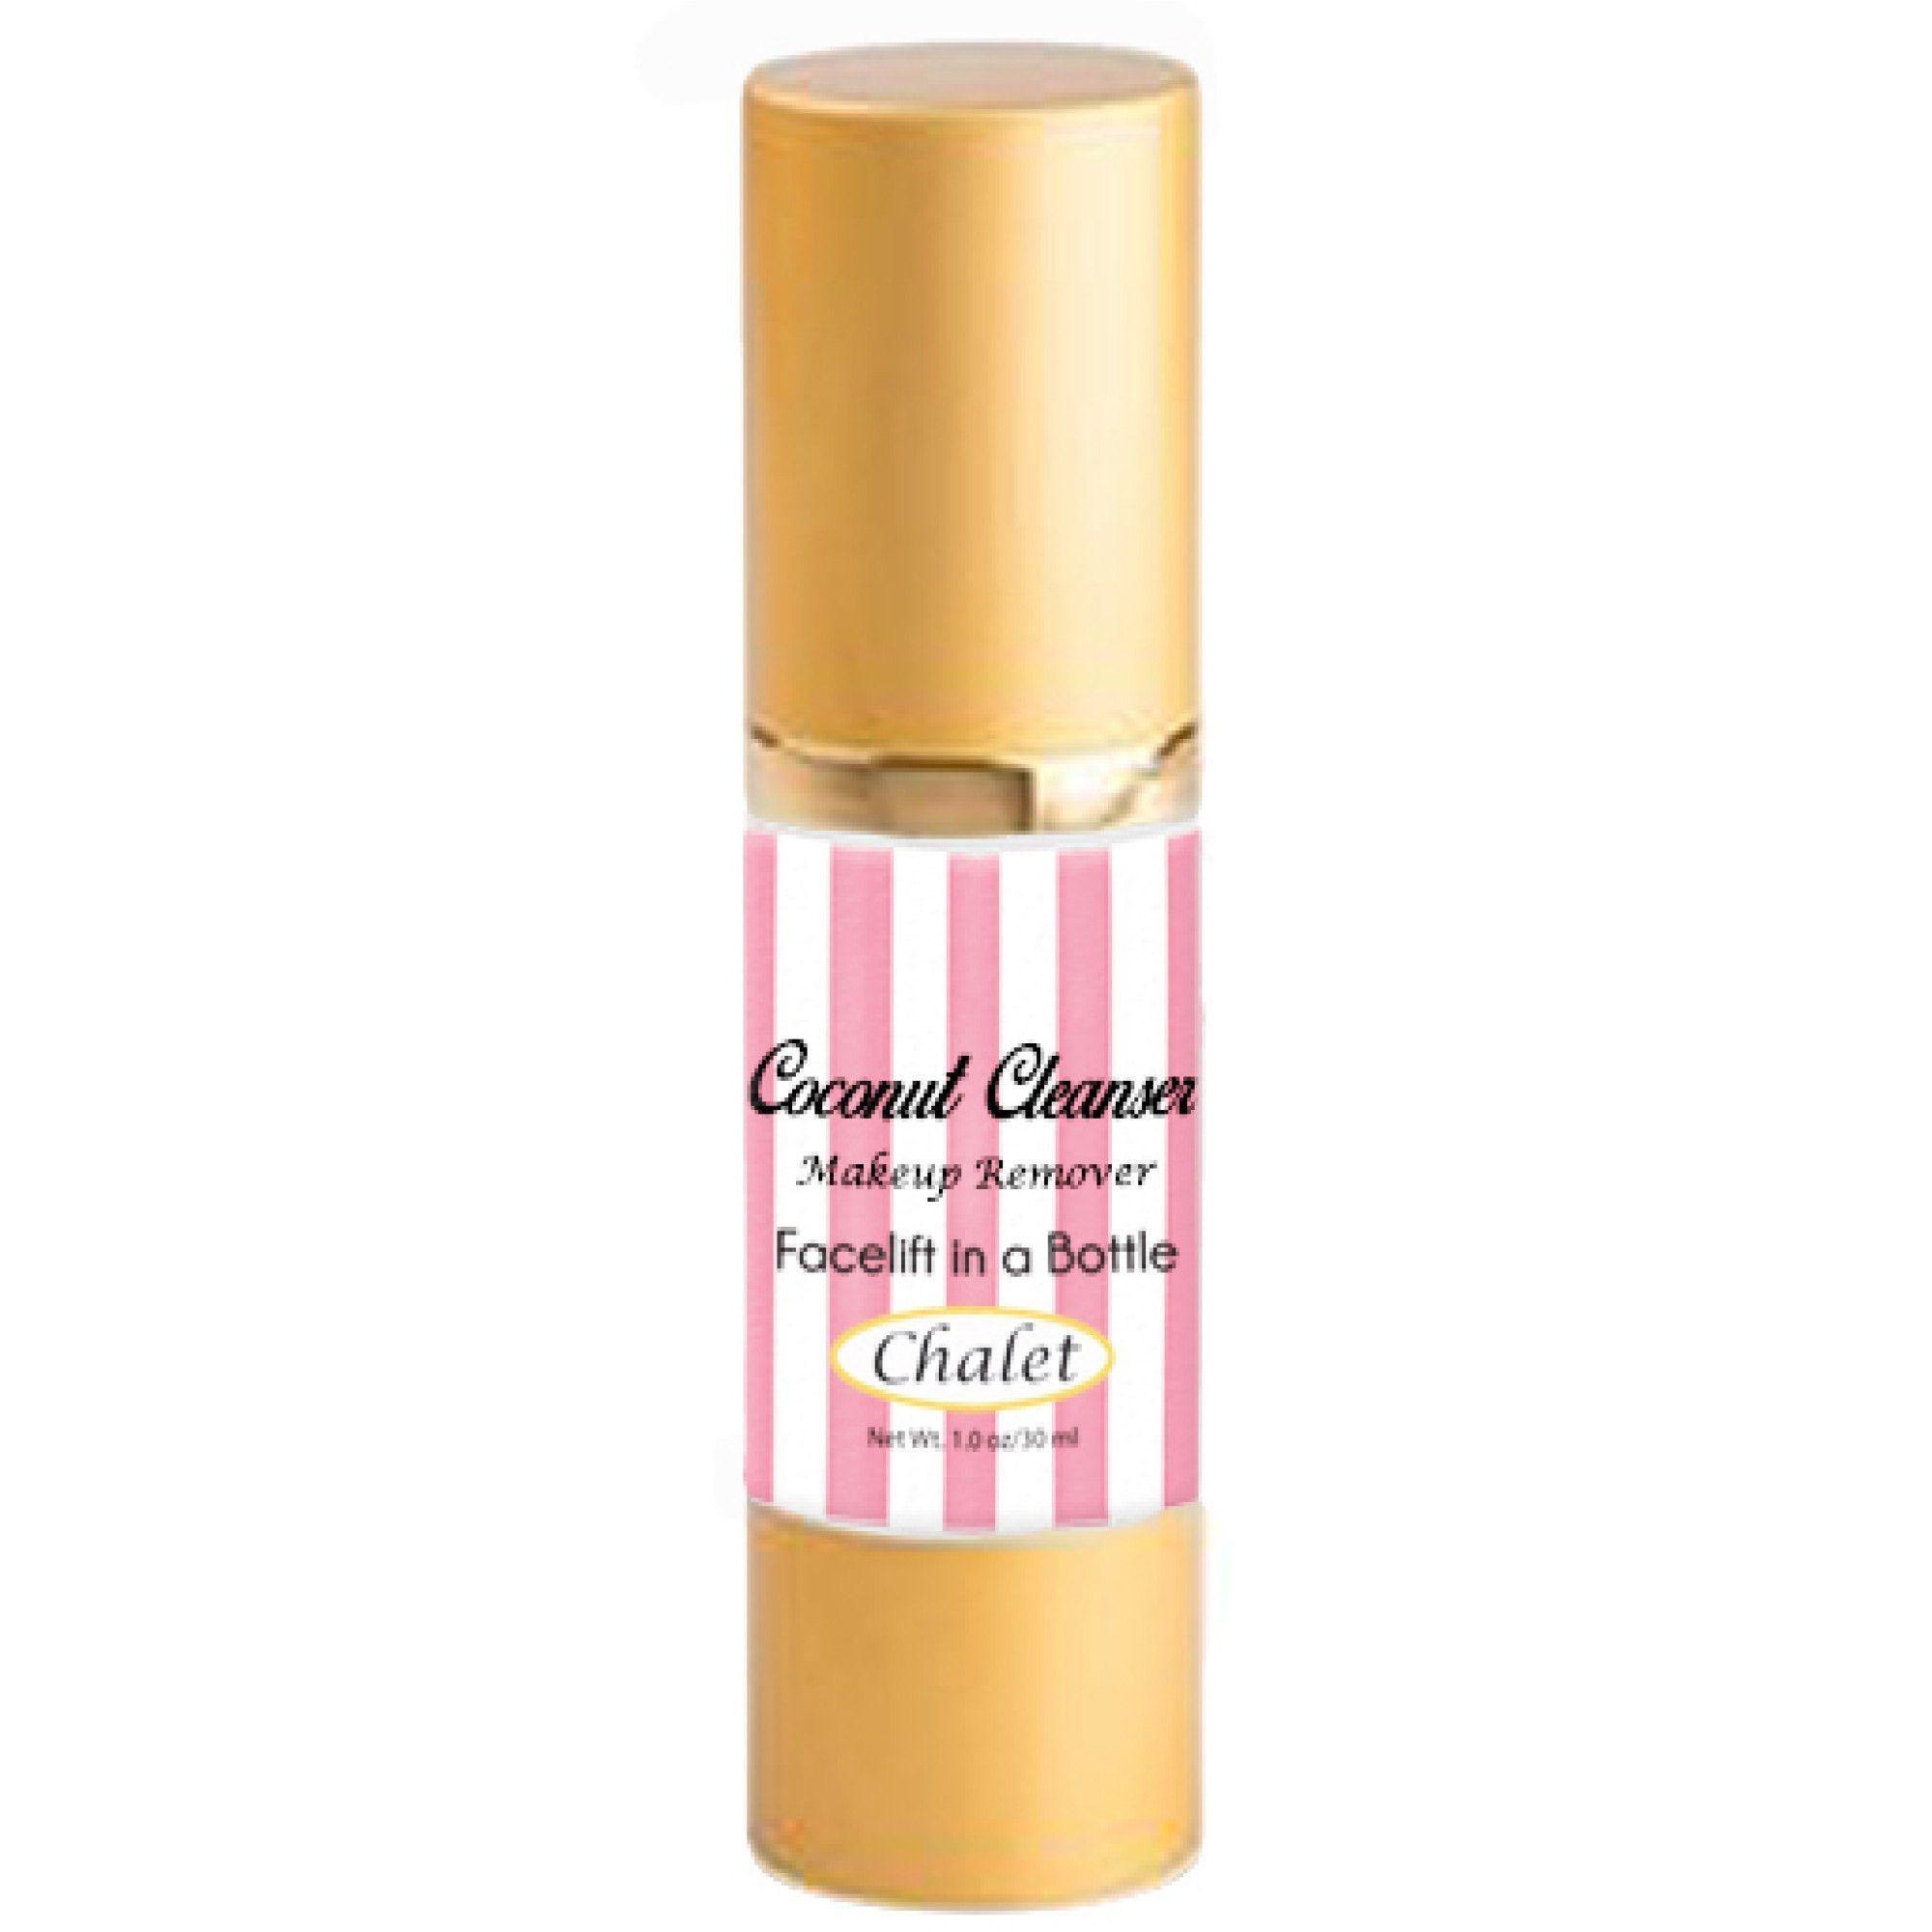 Coconut Cleanser Makeup Remover for Sensitive Skin  Natural makeup